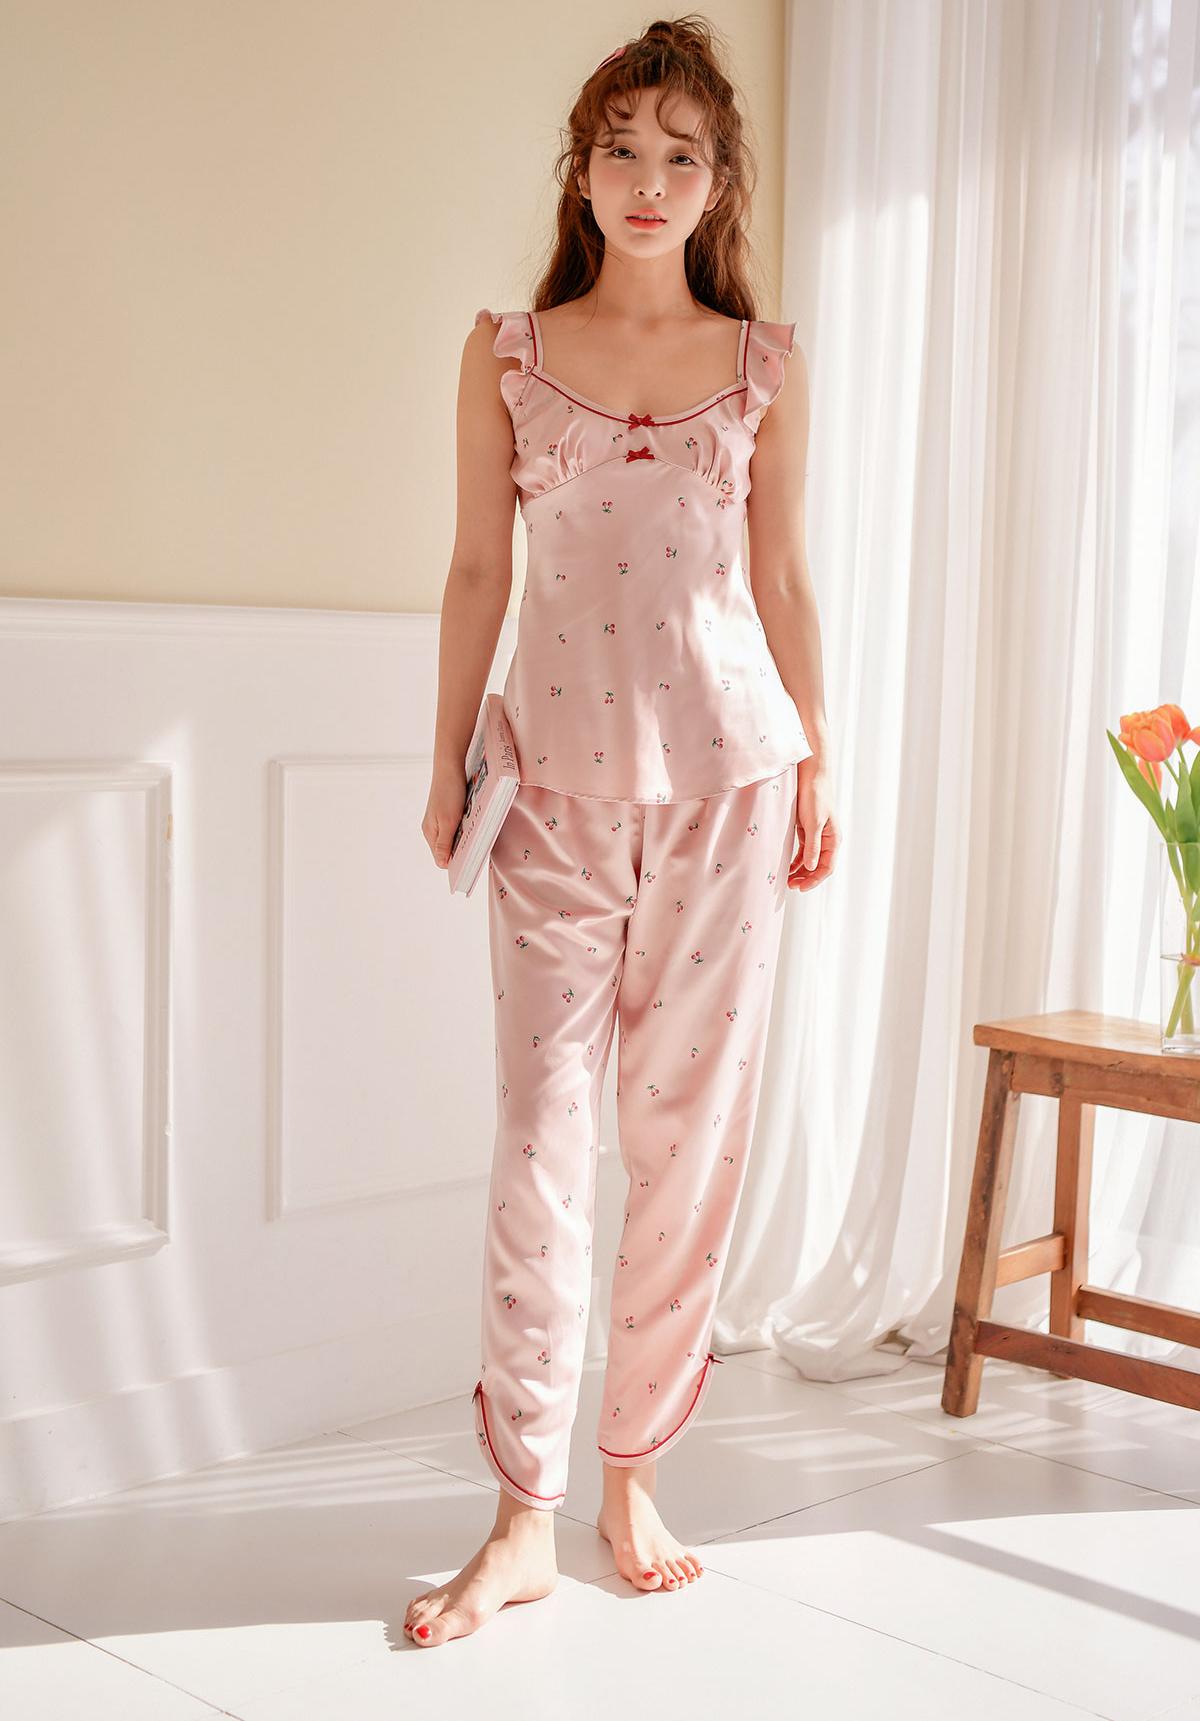 베리 슬립 여자실크잠옷 - 바이메이비, 62,000원, 잠옷, 여성파자마